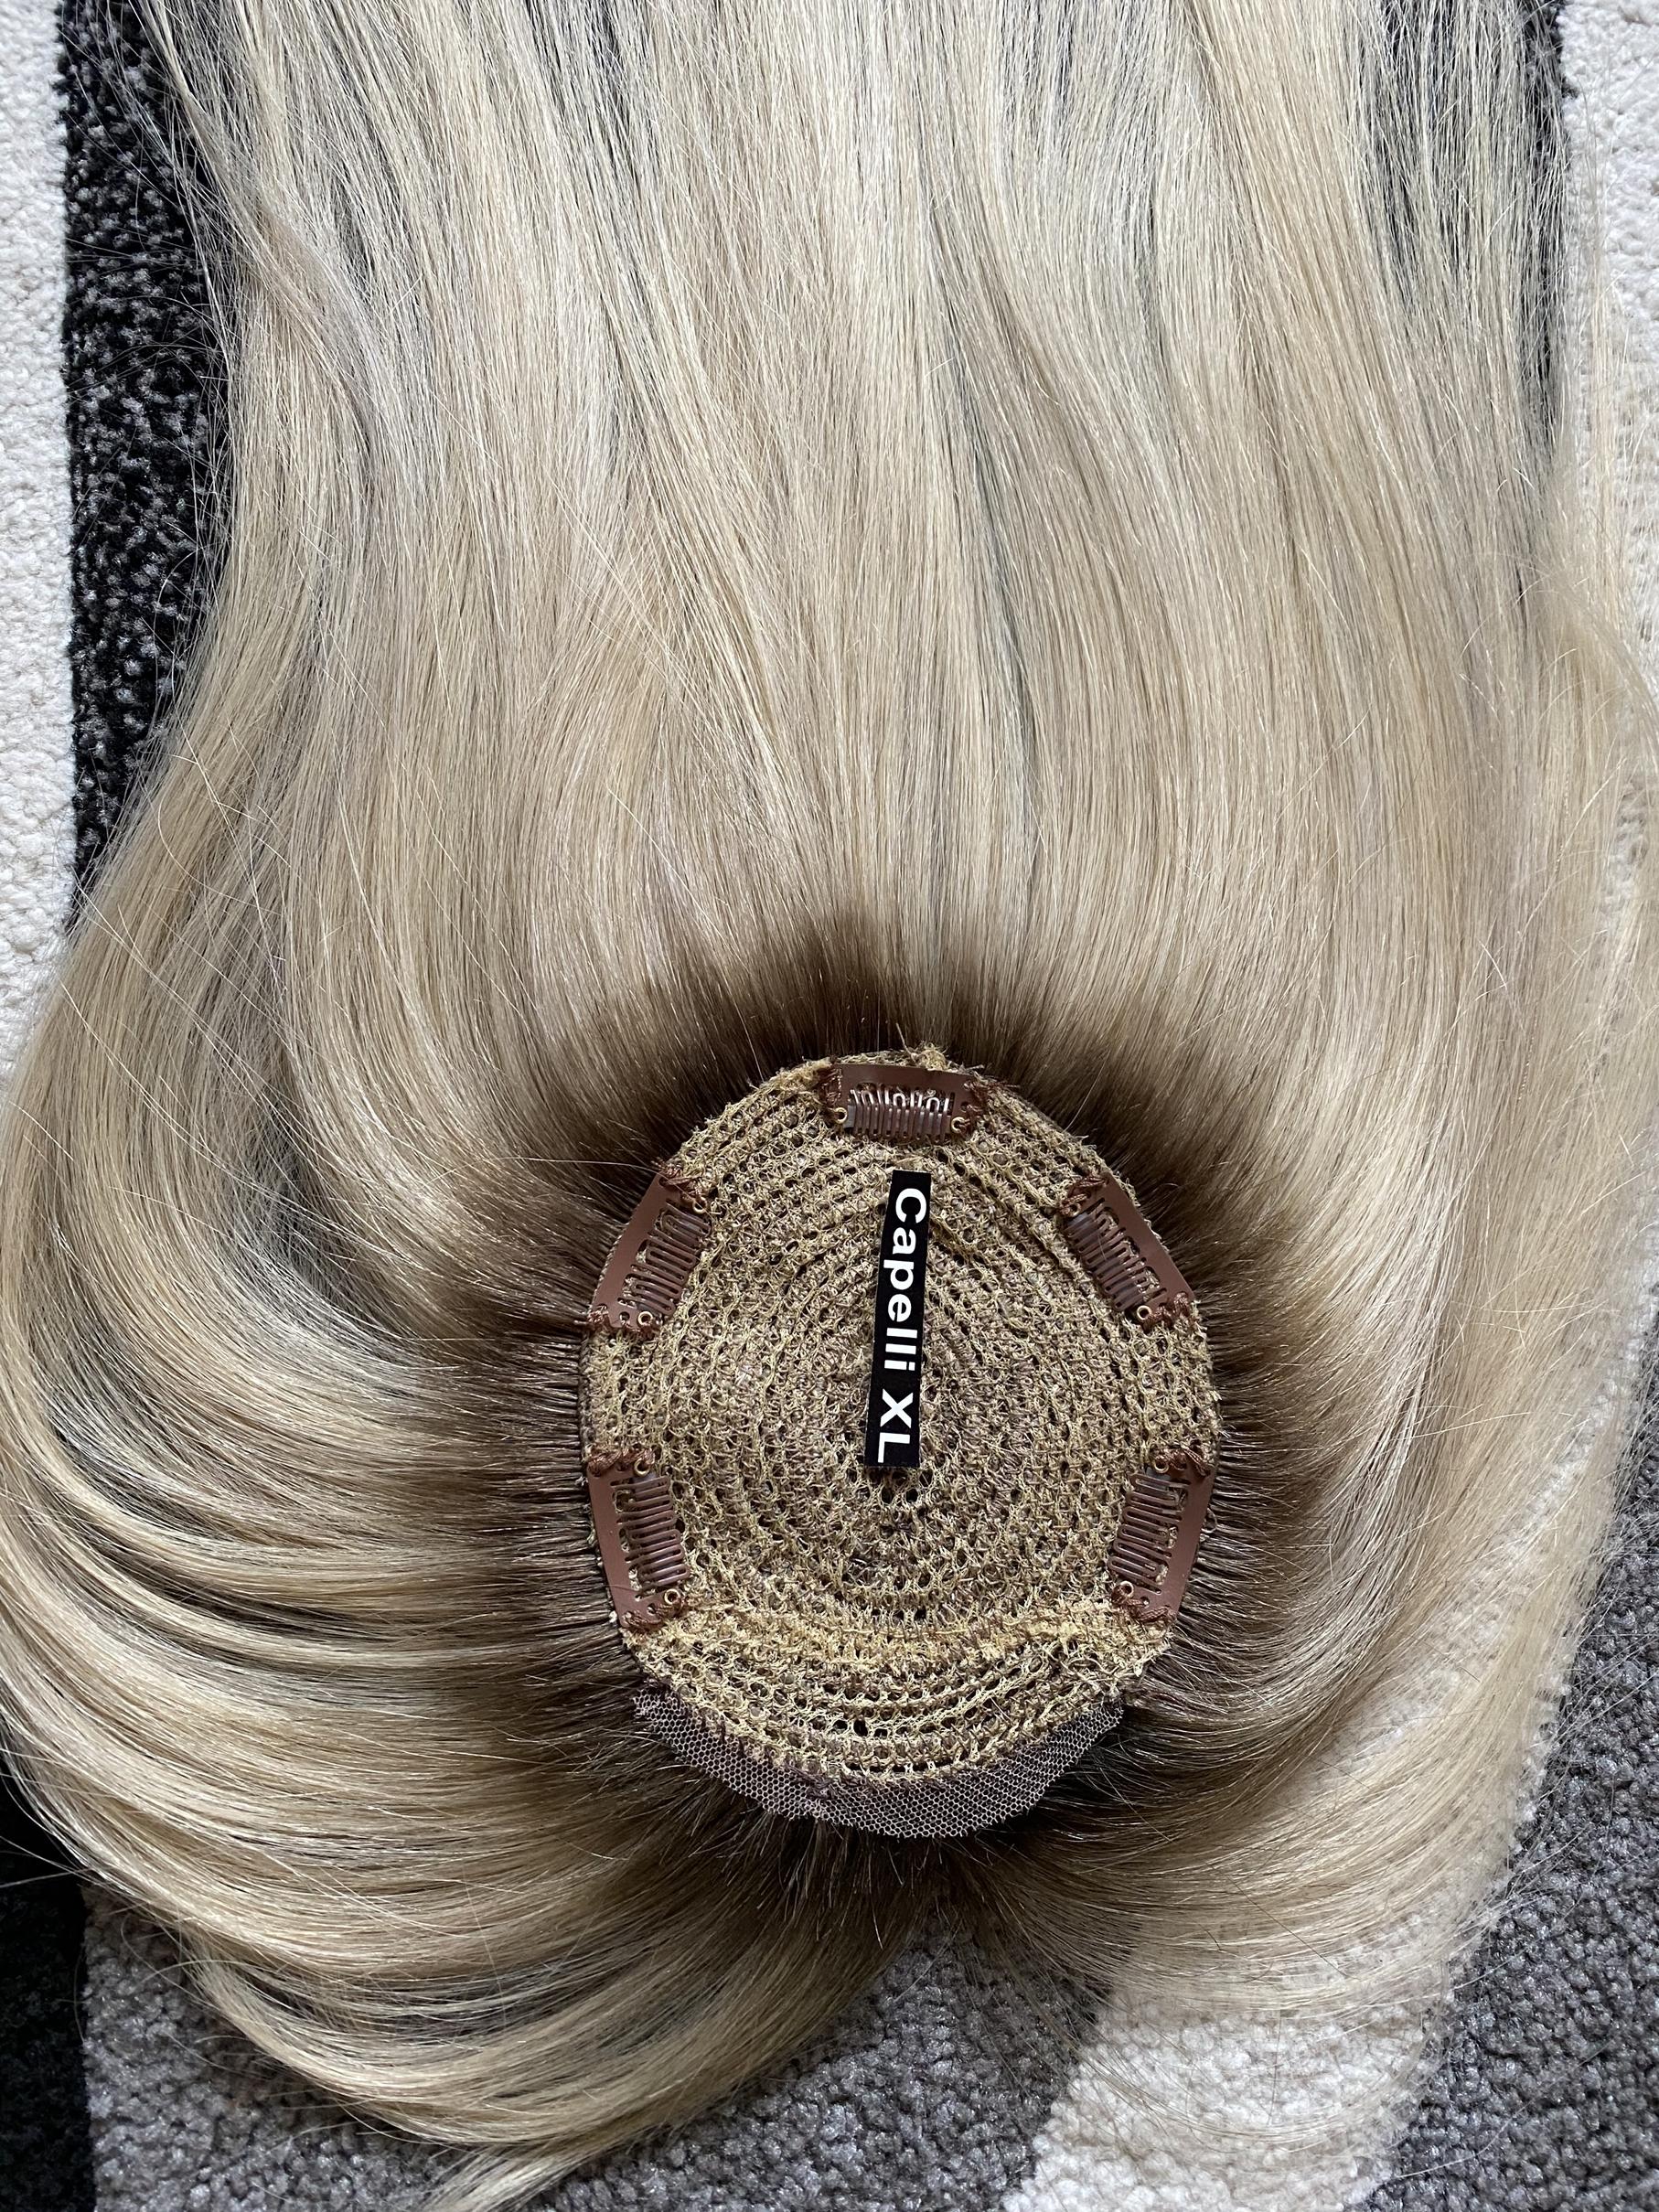 Toupet Chiusura realizzata con capelli veri europei per coprire il centro testa infoltitore, colore biondo effetto ricrescita capelli umani.